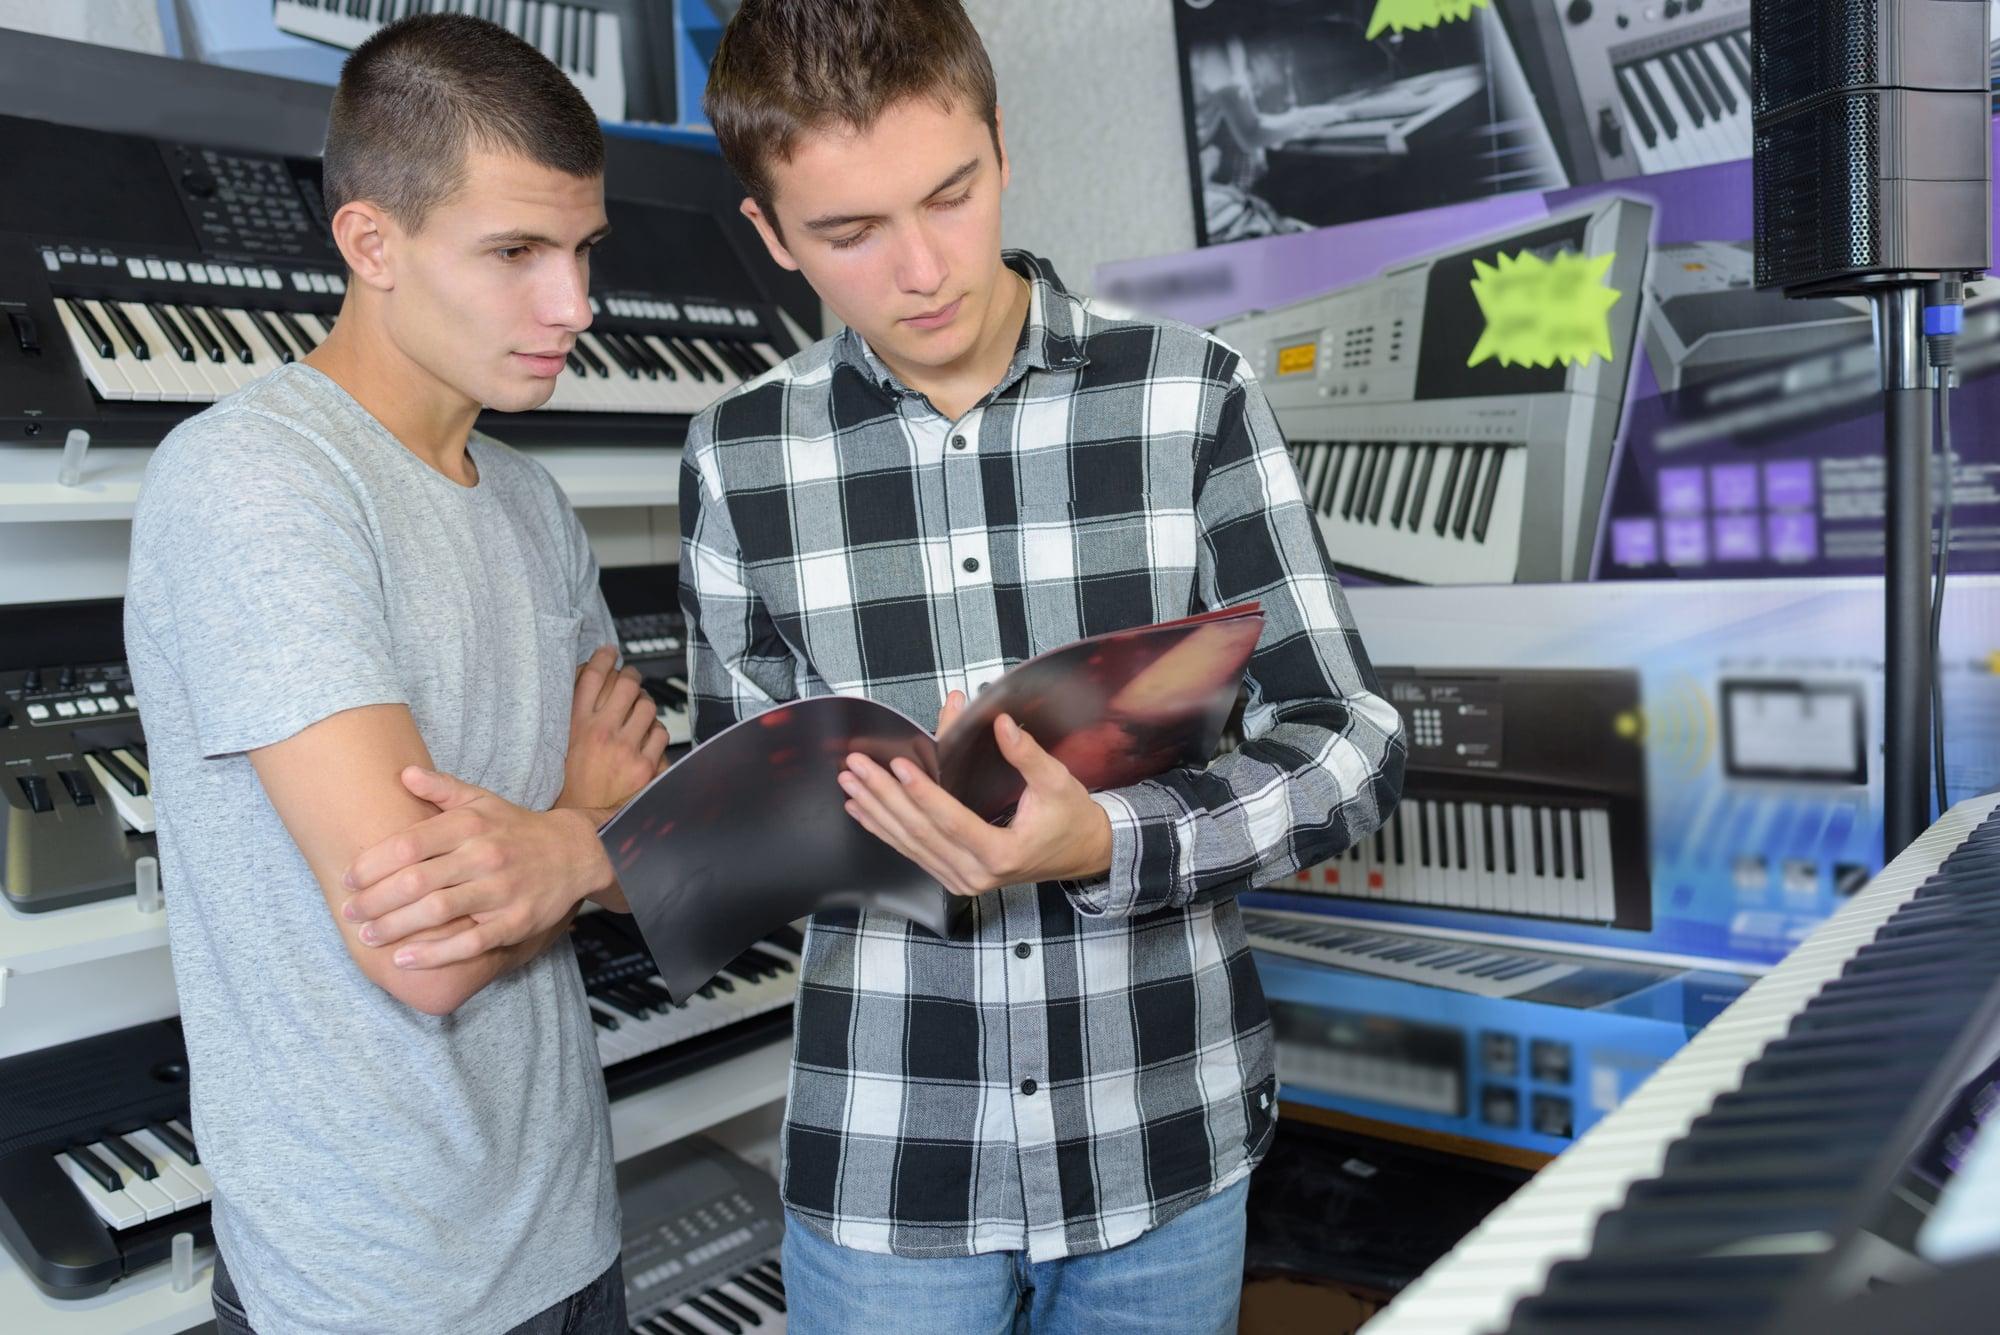 Keyboard kaufen: 3+5 Tipps zur Auswahl & 3 Fallstricke